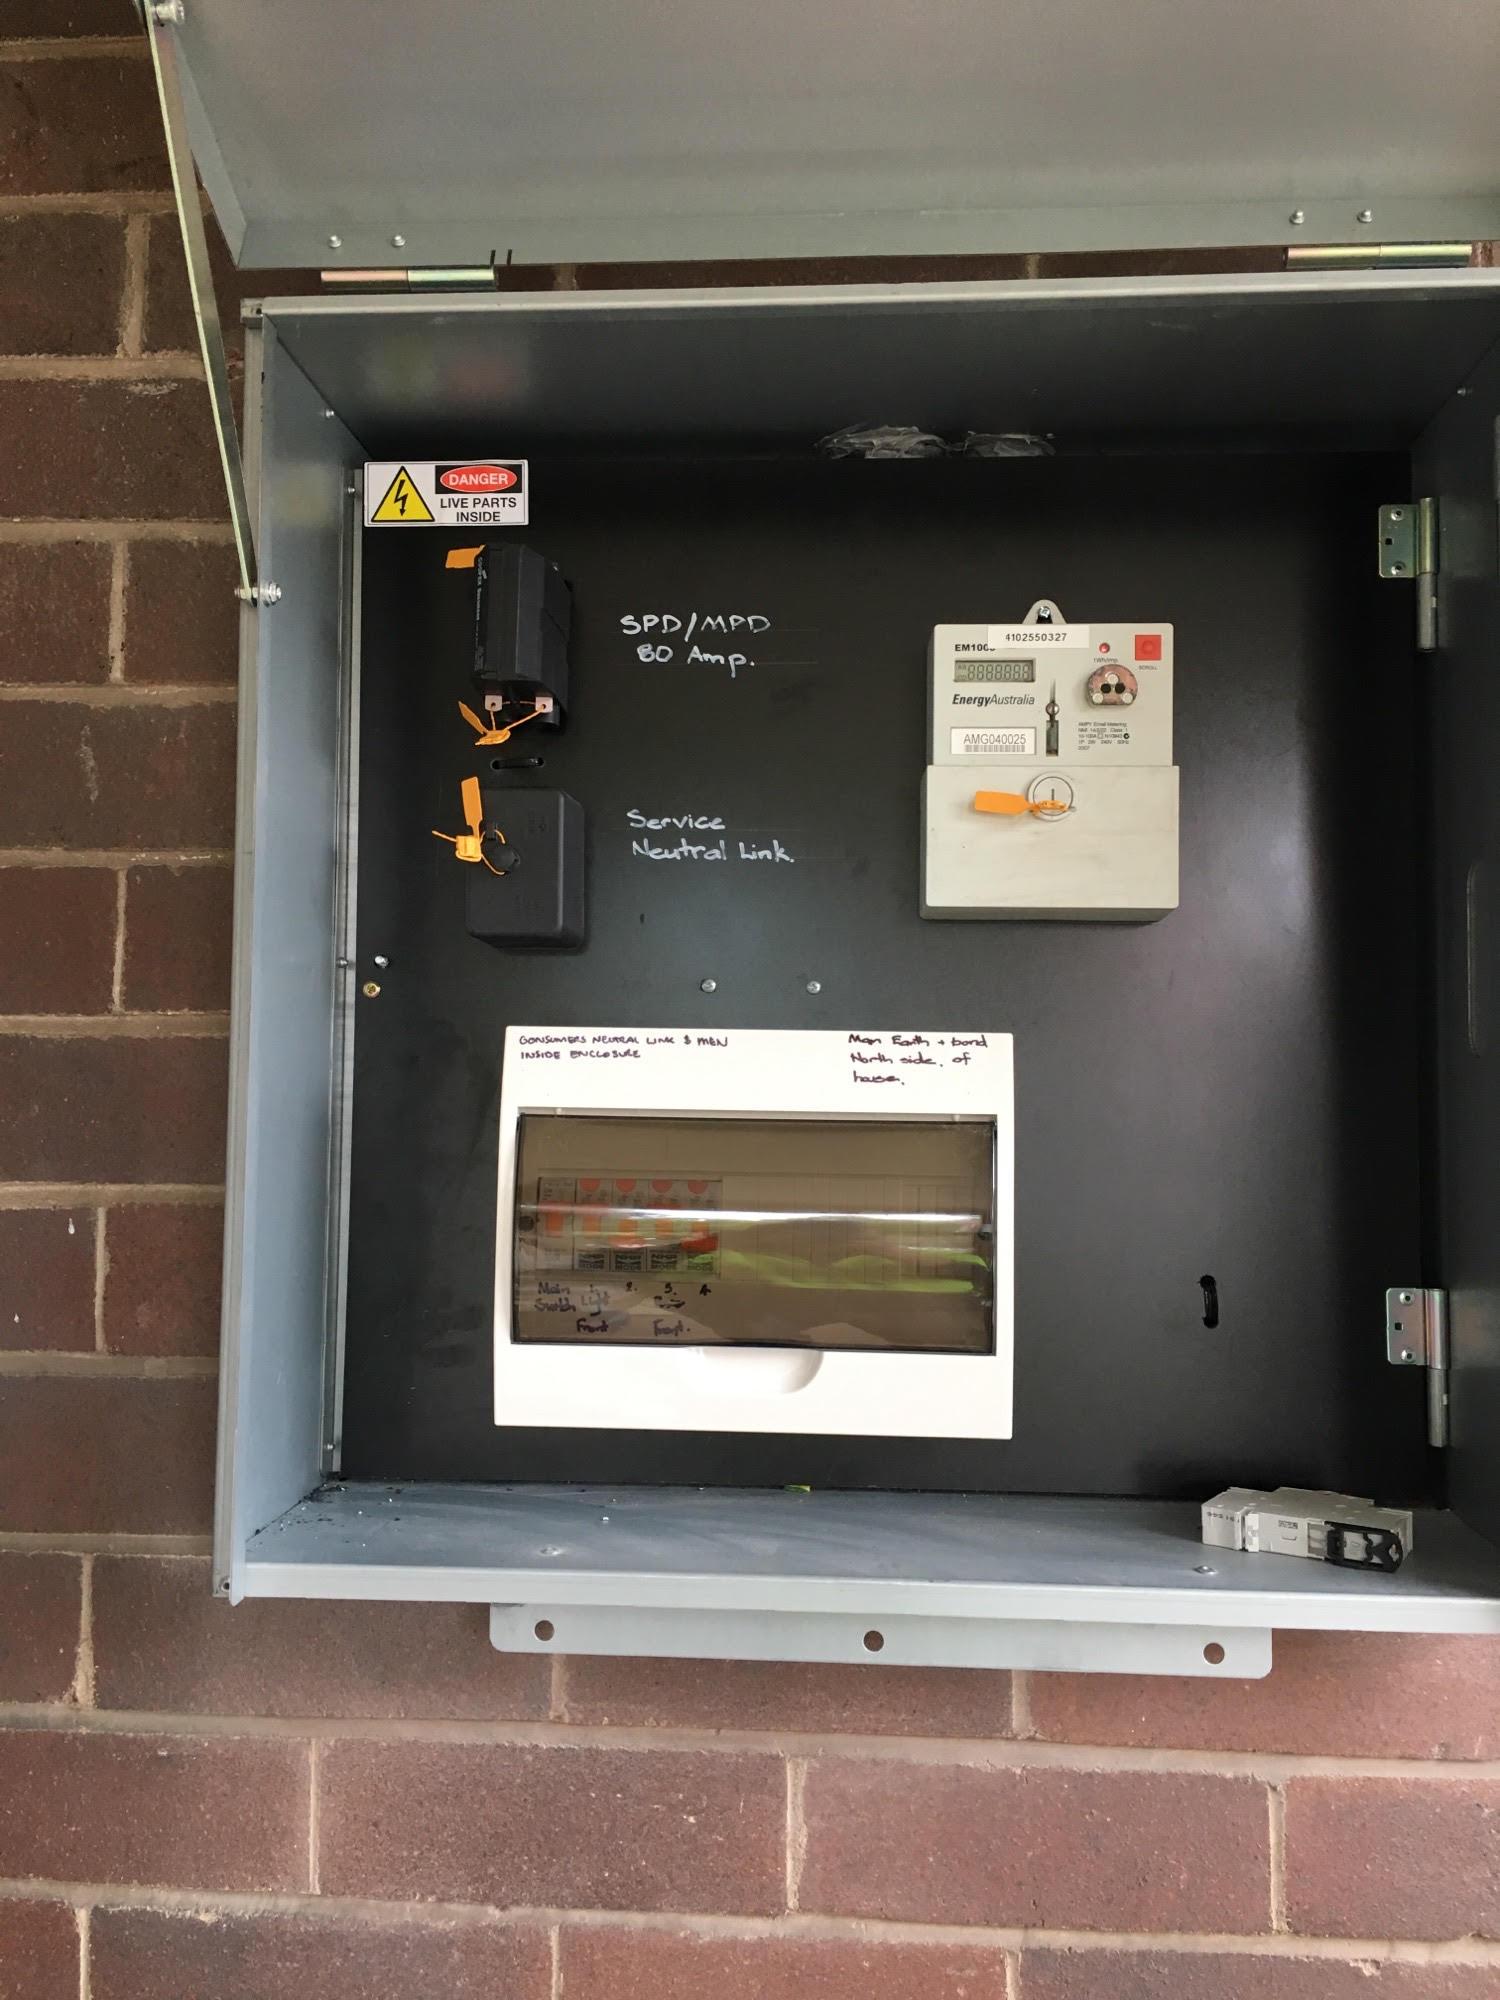 Meter box rcd